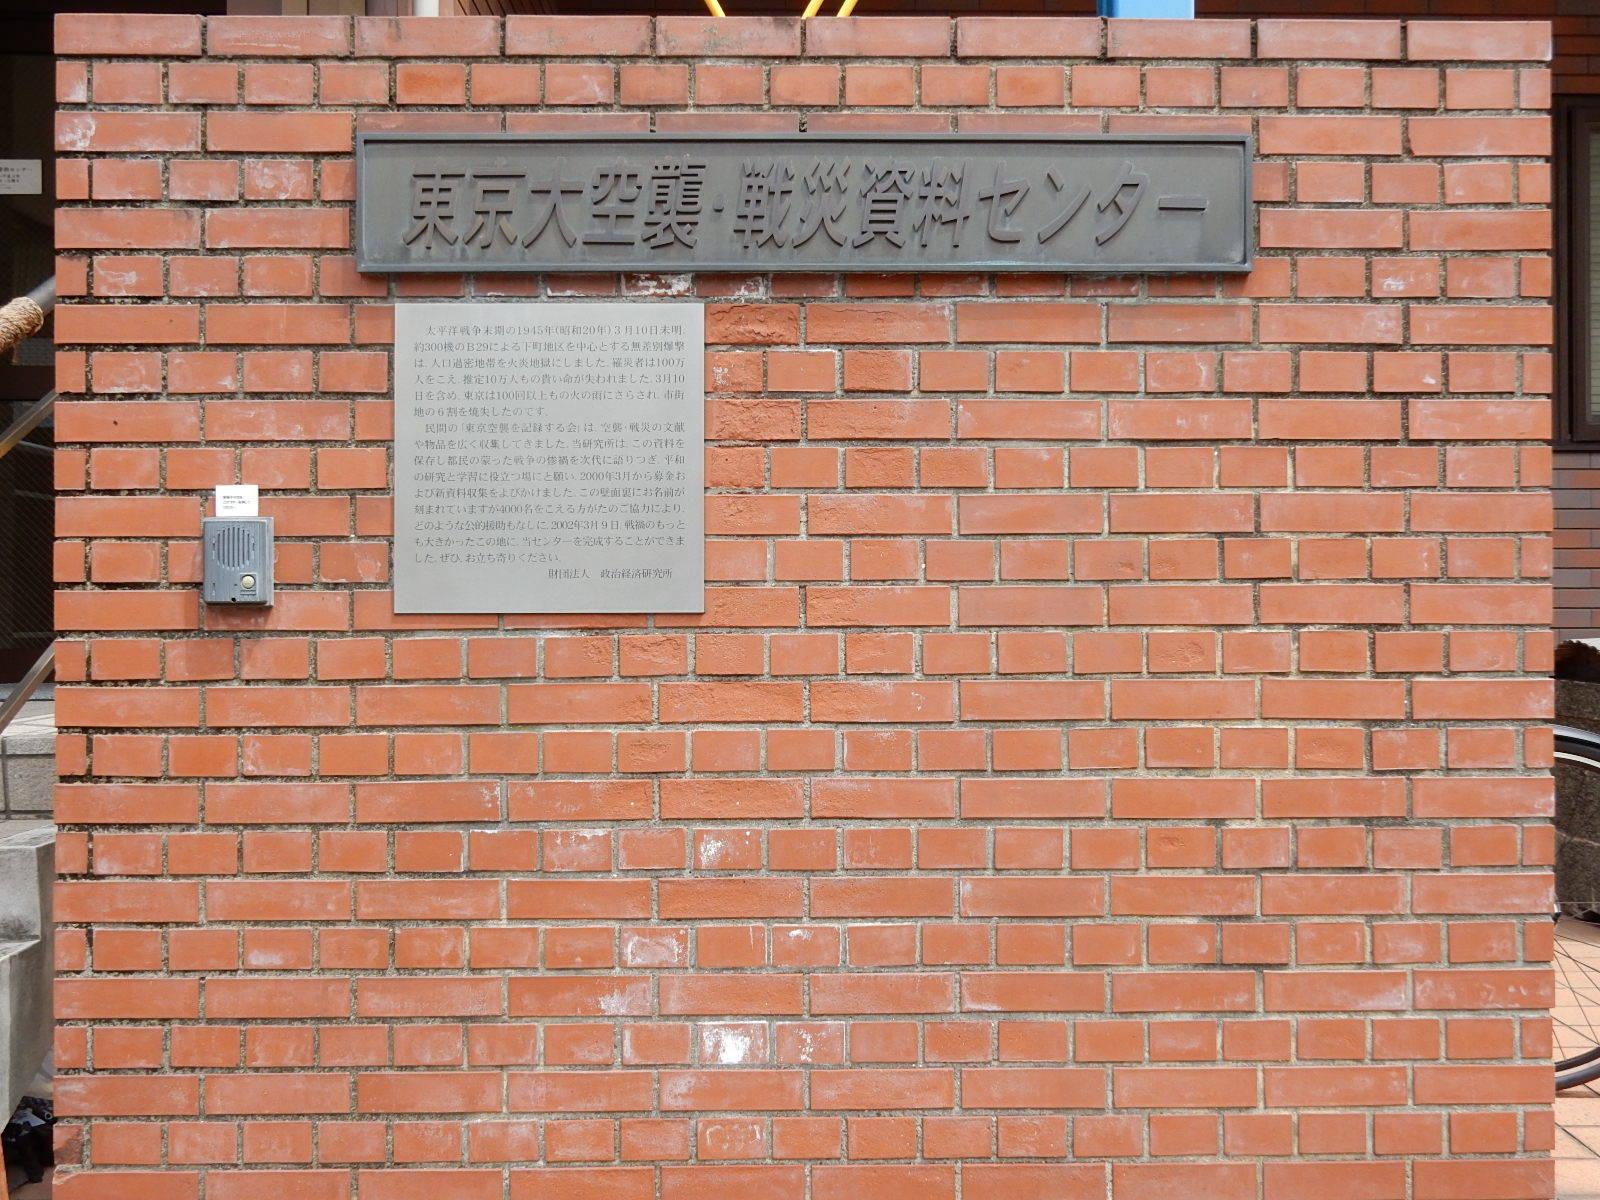 東京大空襲・戦災資料センター入り口横のプレート